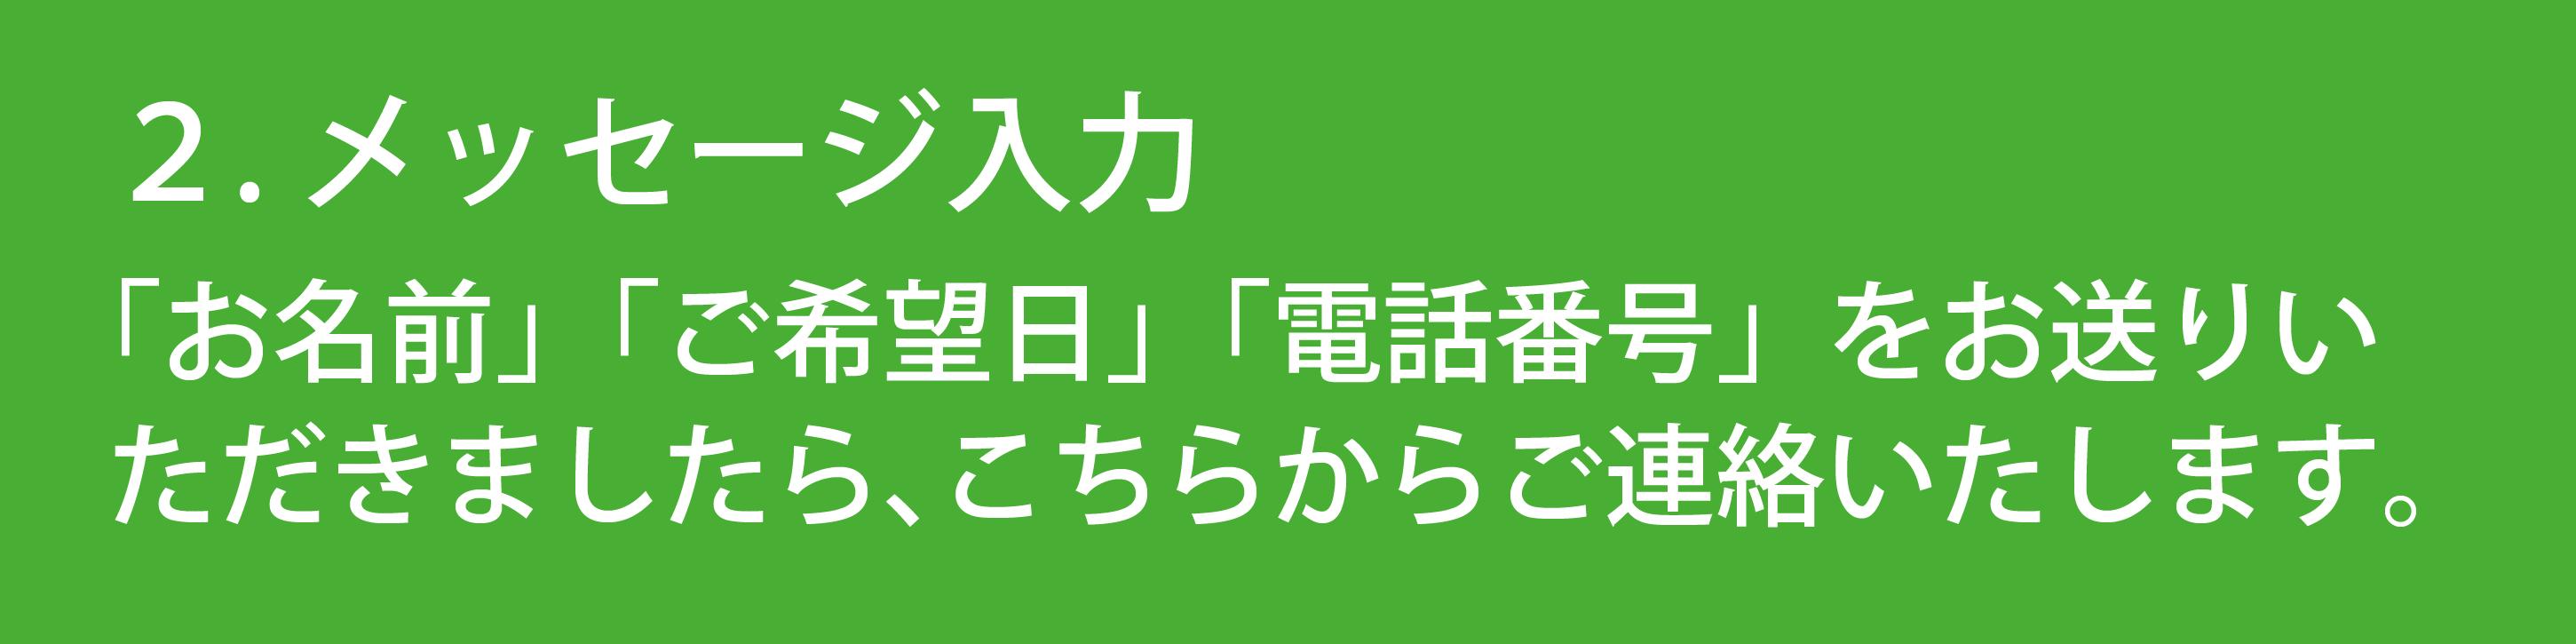 LINE問い合わせ方法2